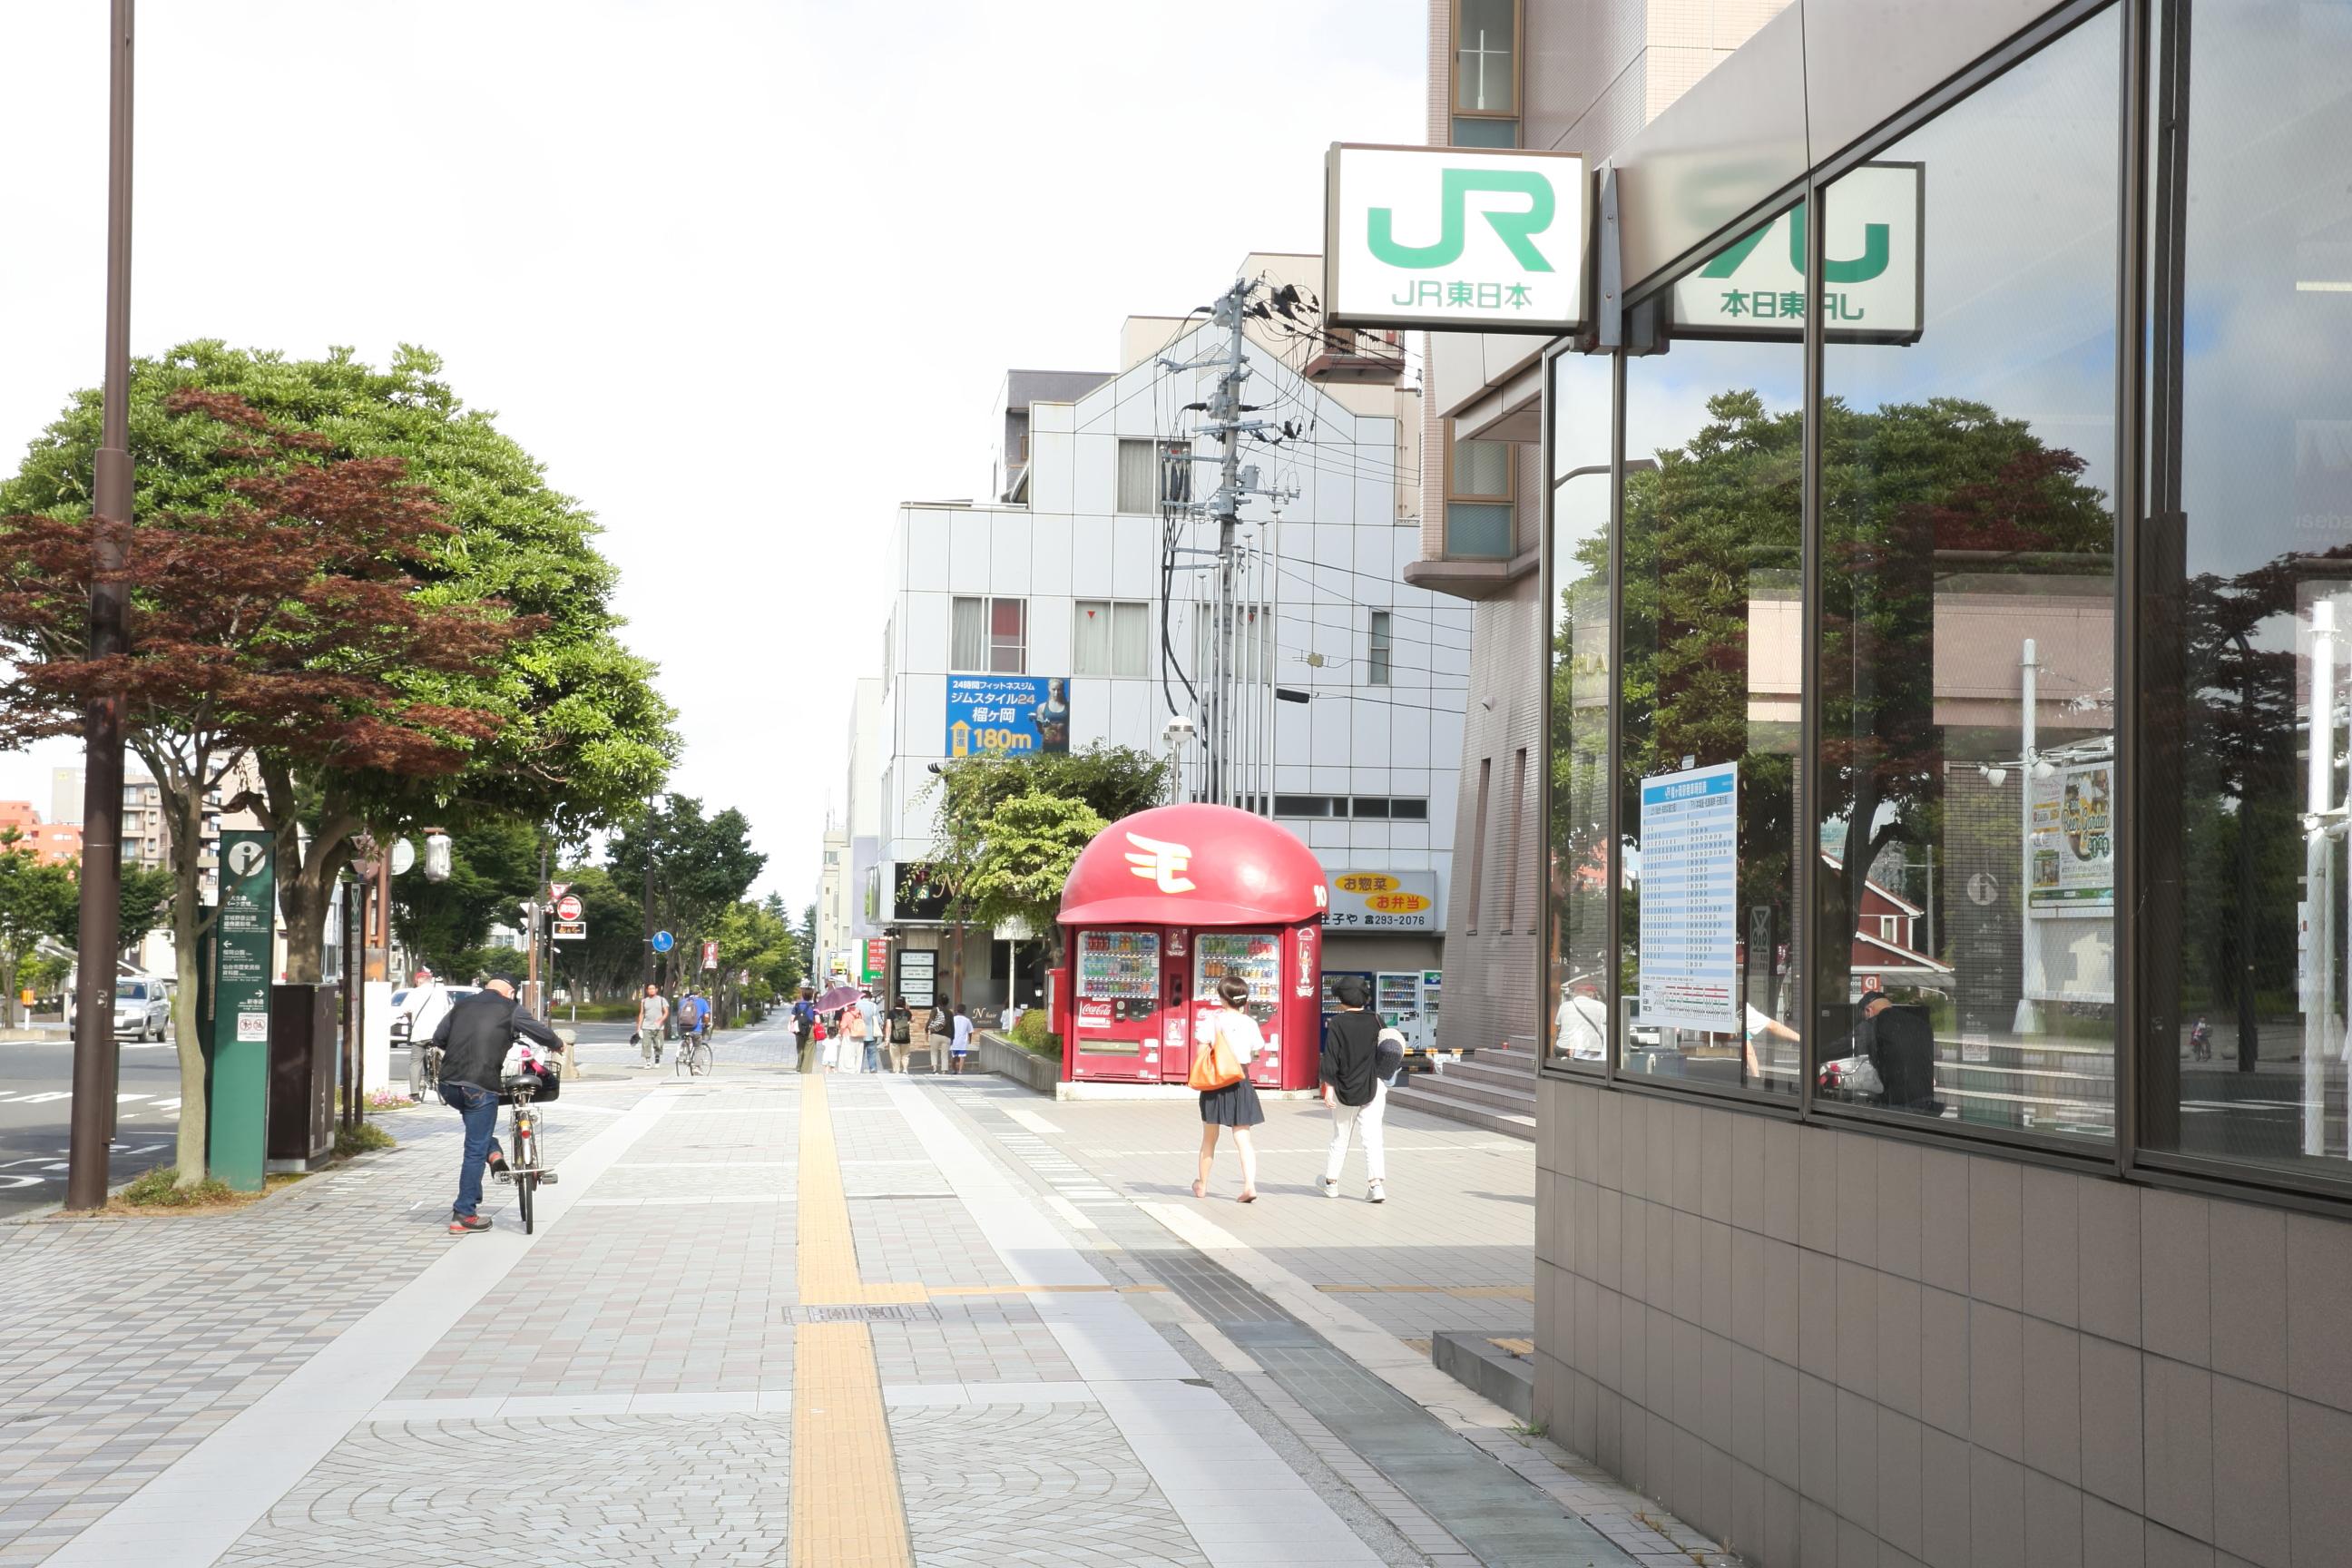 歯科ナチュールへのアクセス②仙台サンプラザを東へ